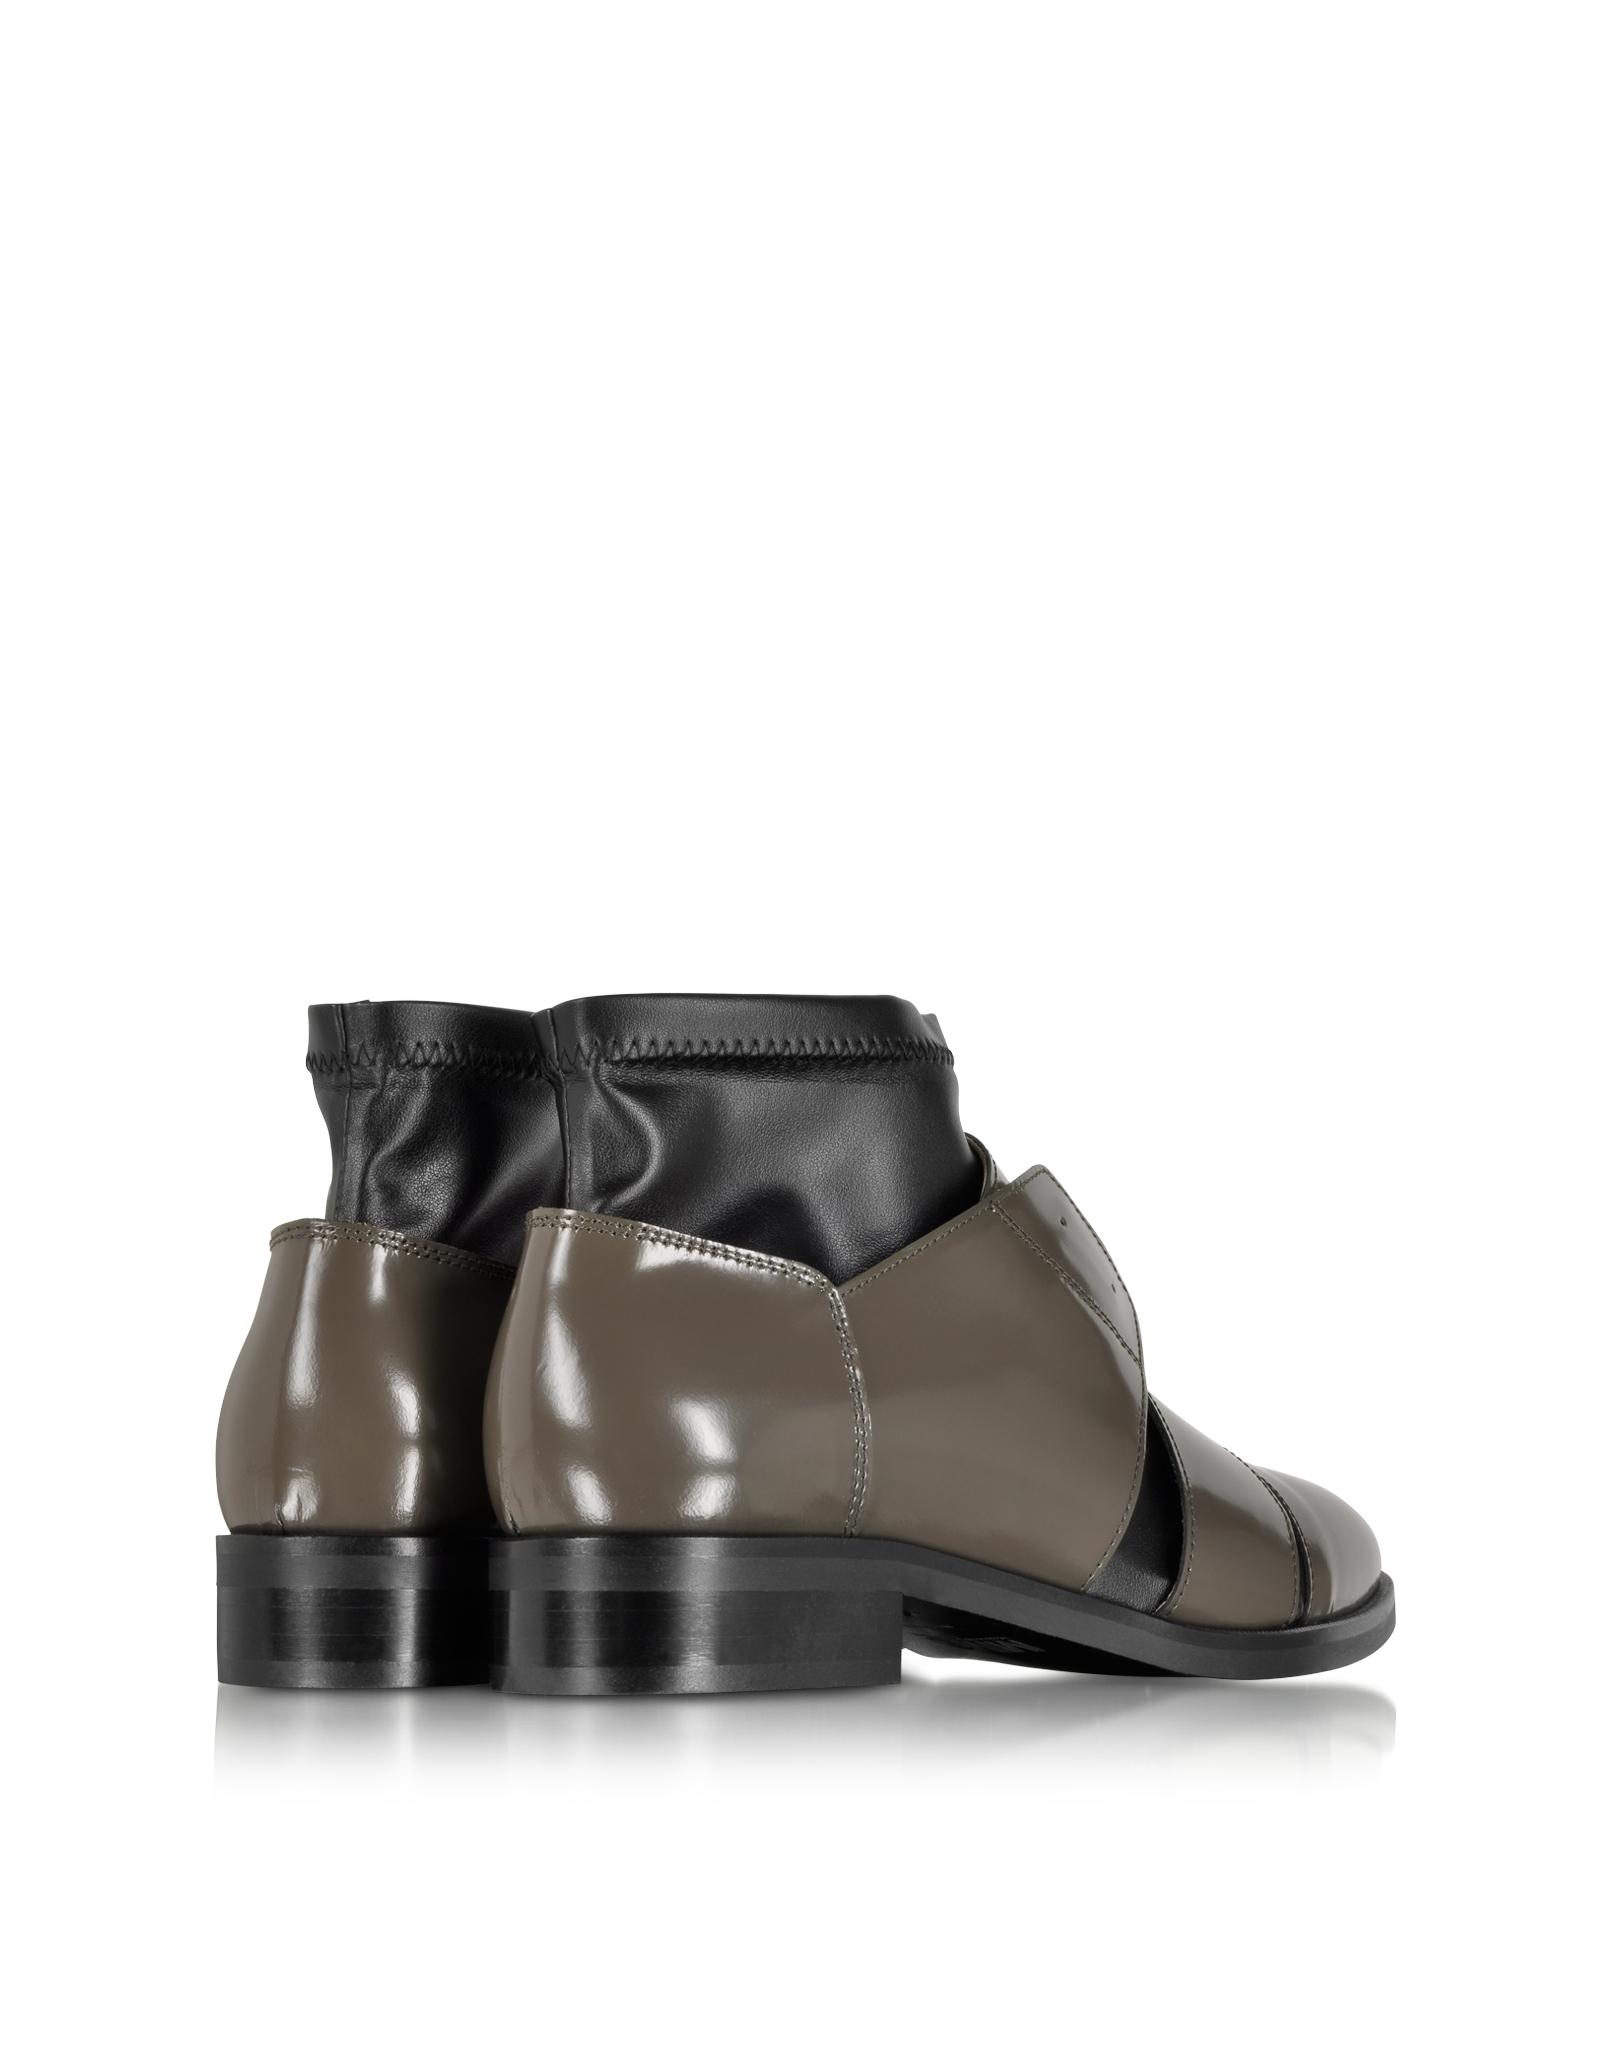 MM6 Maison Martin Margiela Black Cut-Out Boots